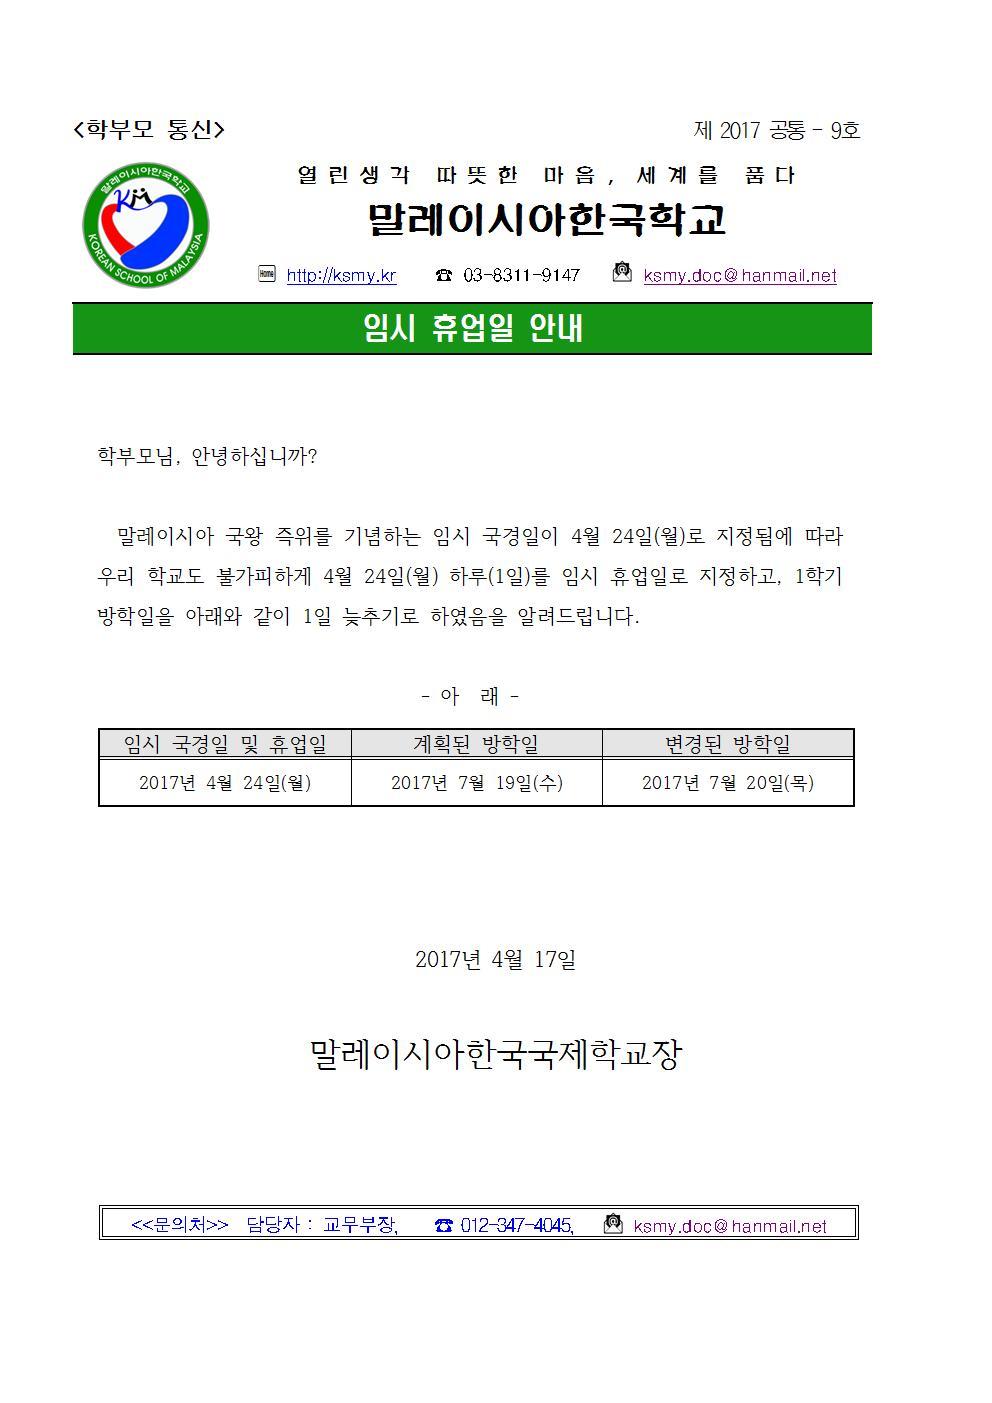 (가통-2017-09) 임시휴업일 안내.jpg